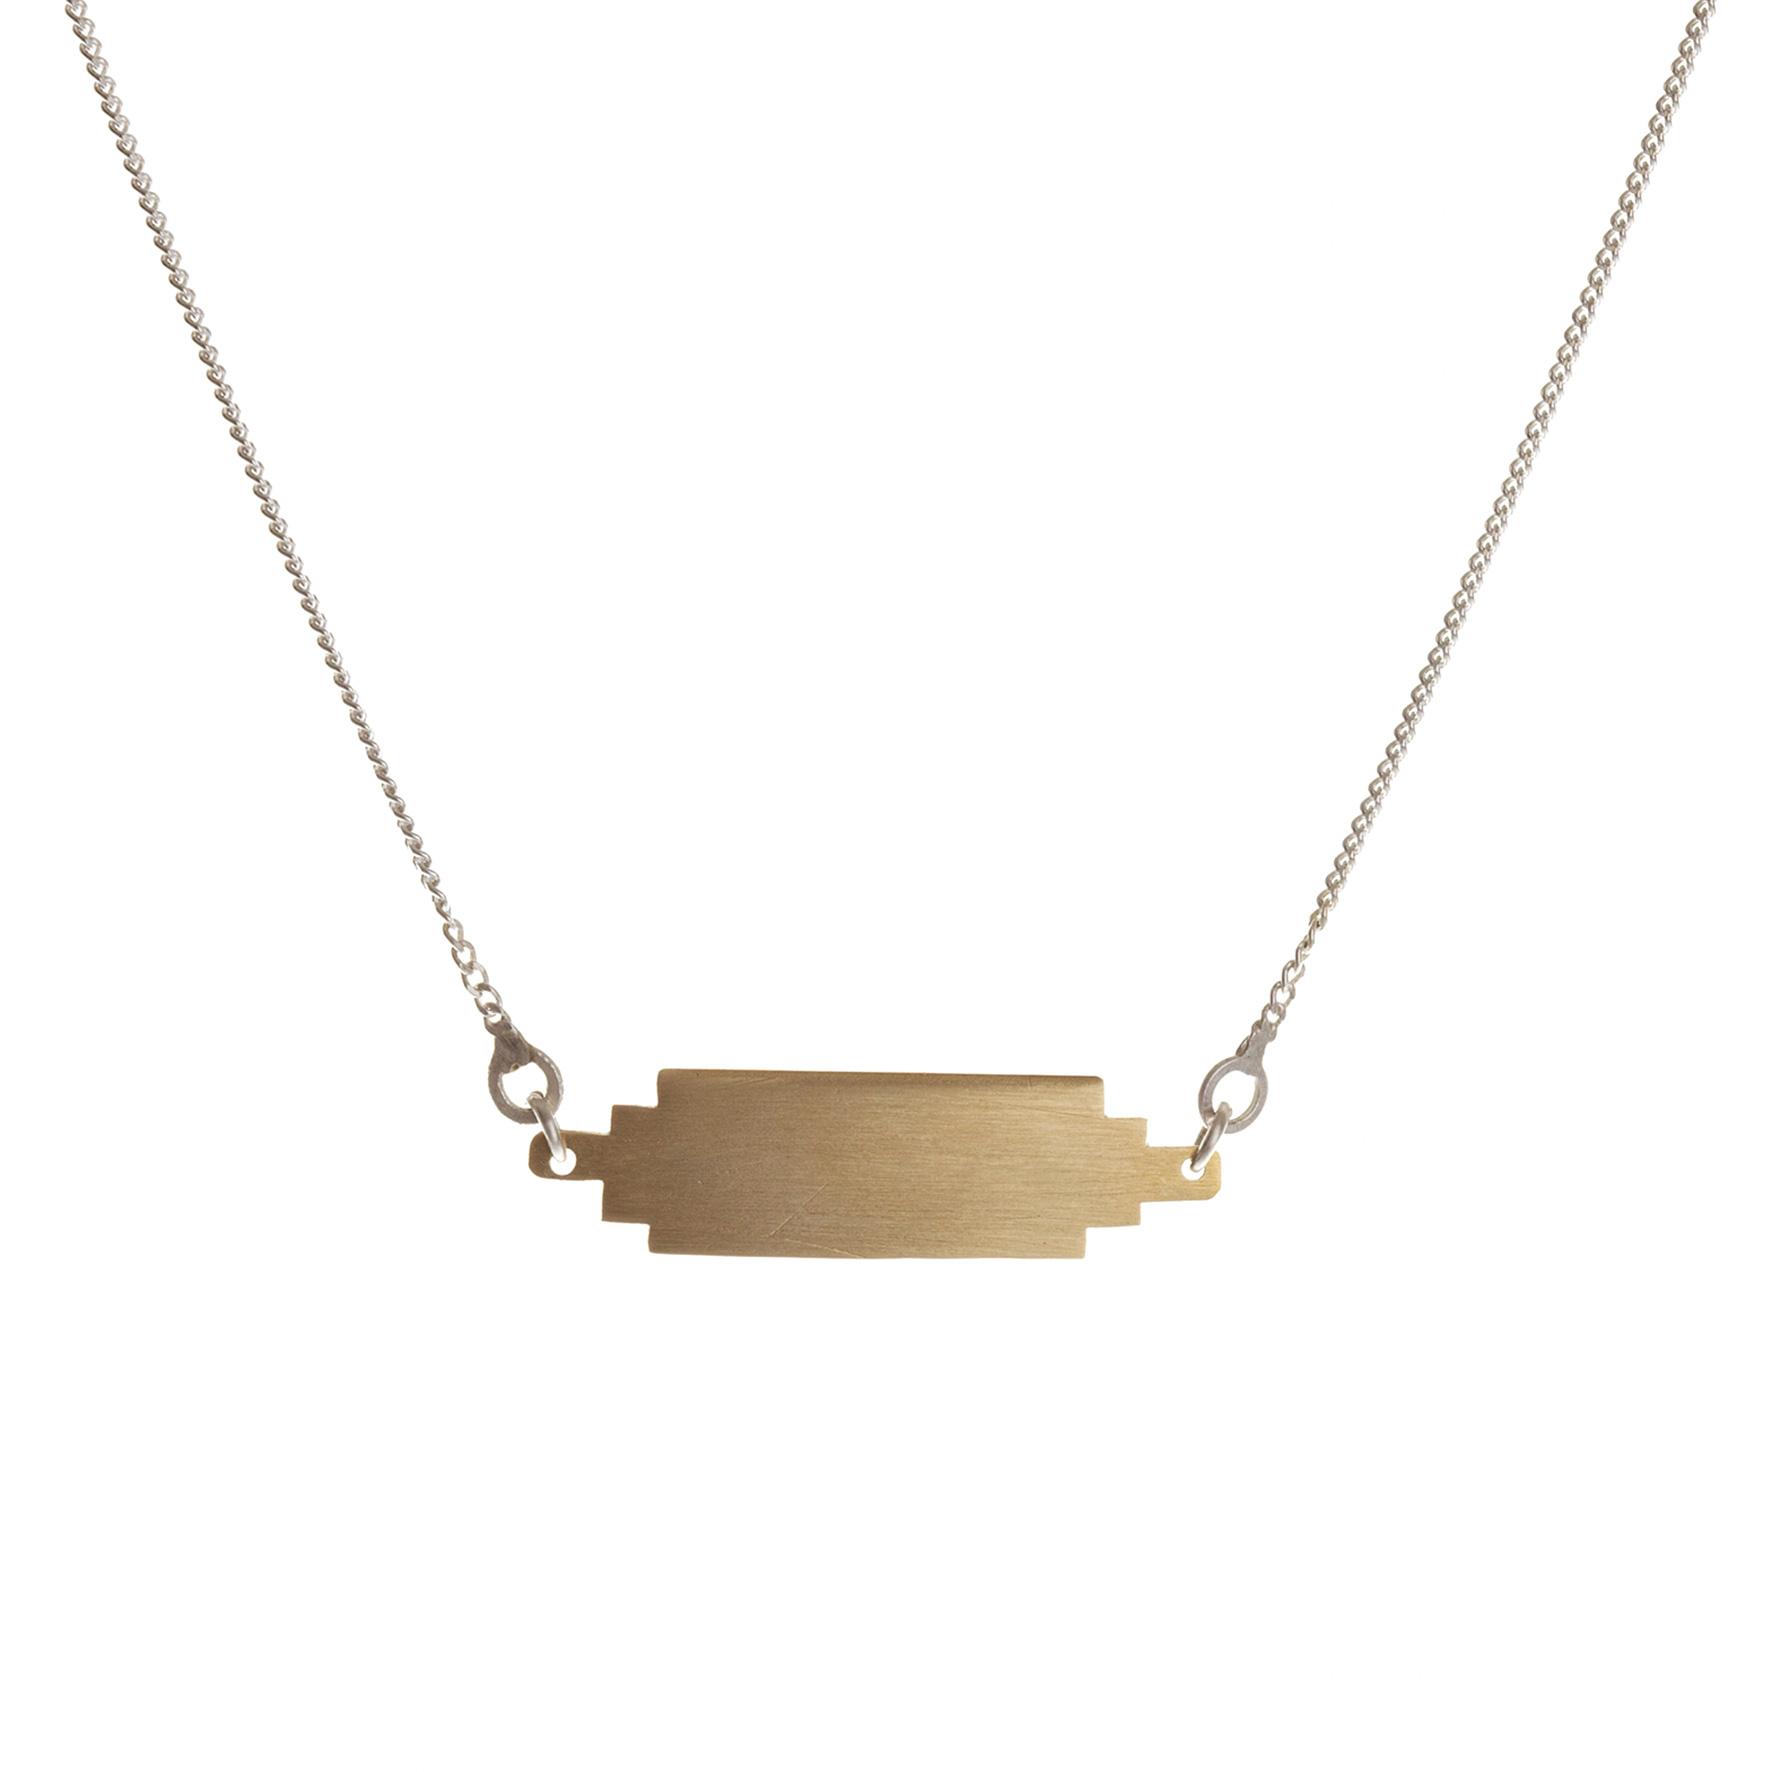 Letterbox pendant